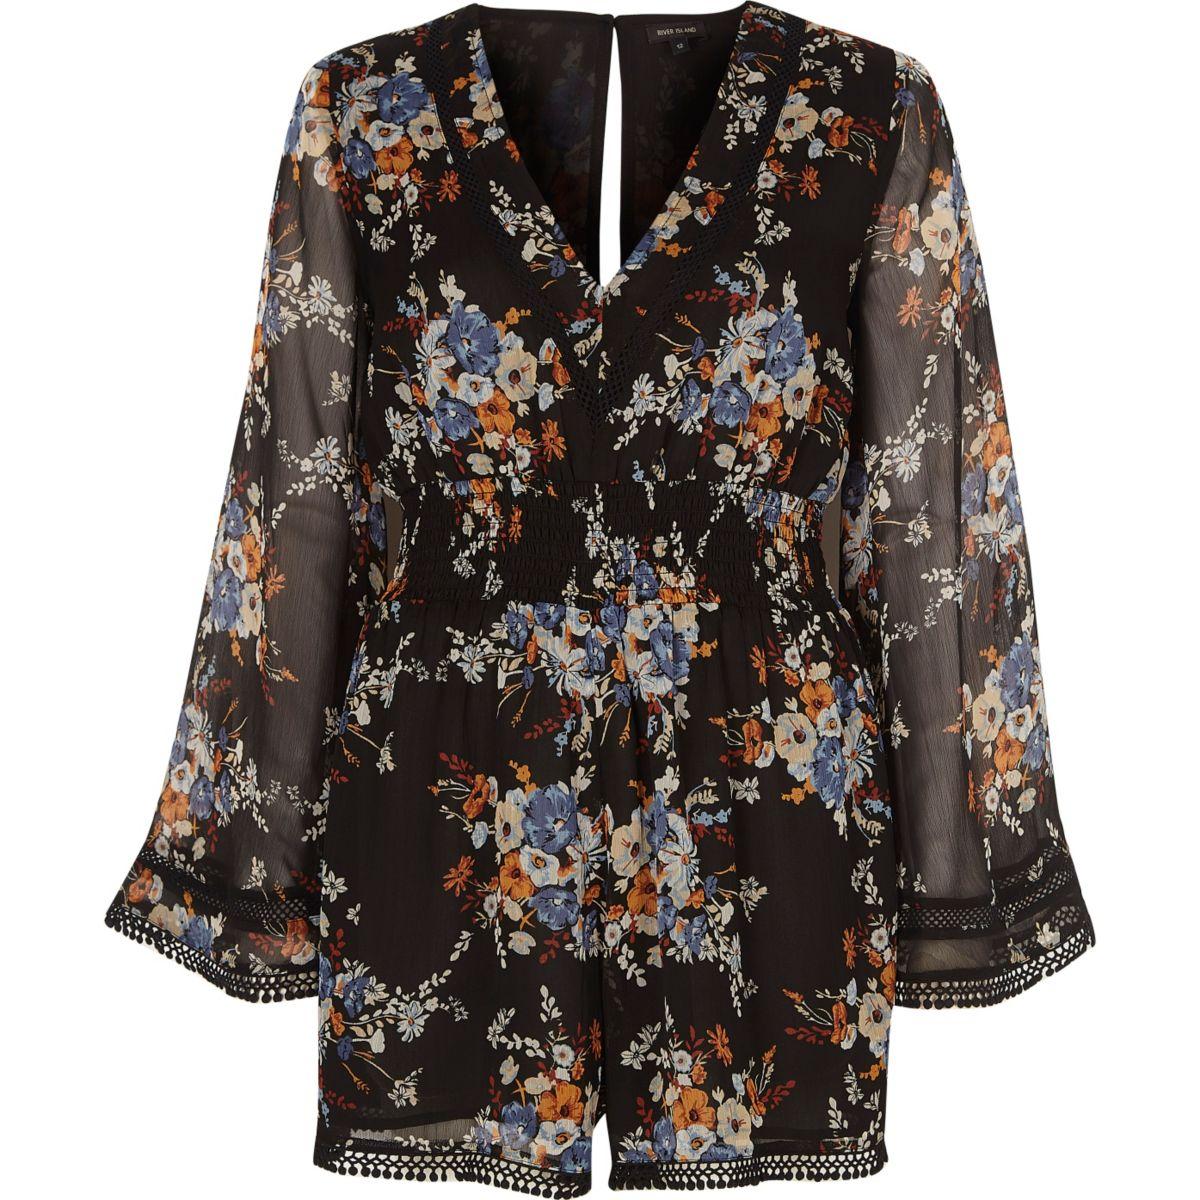 Black chiffon floral kimono romper